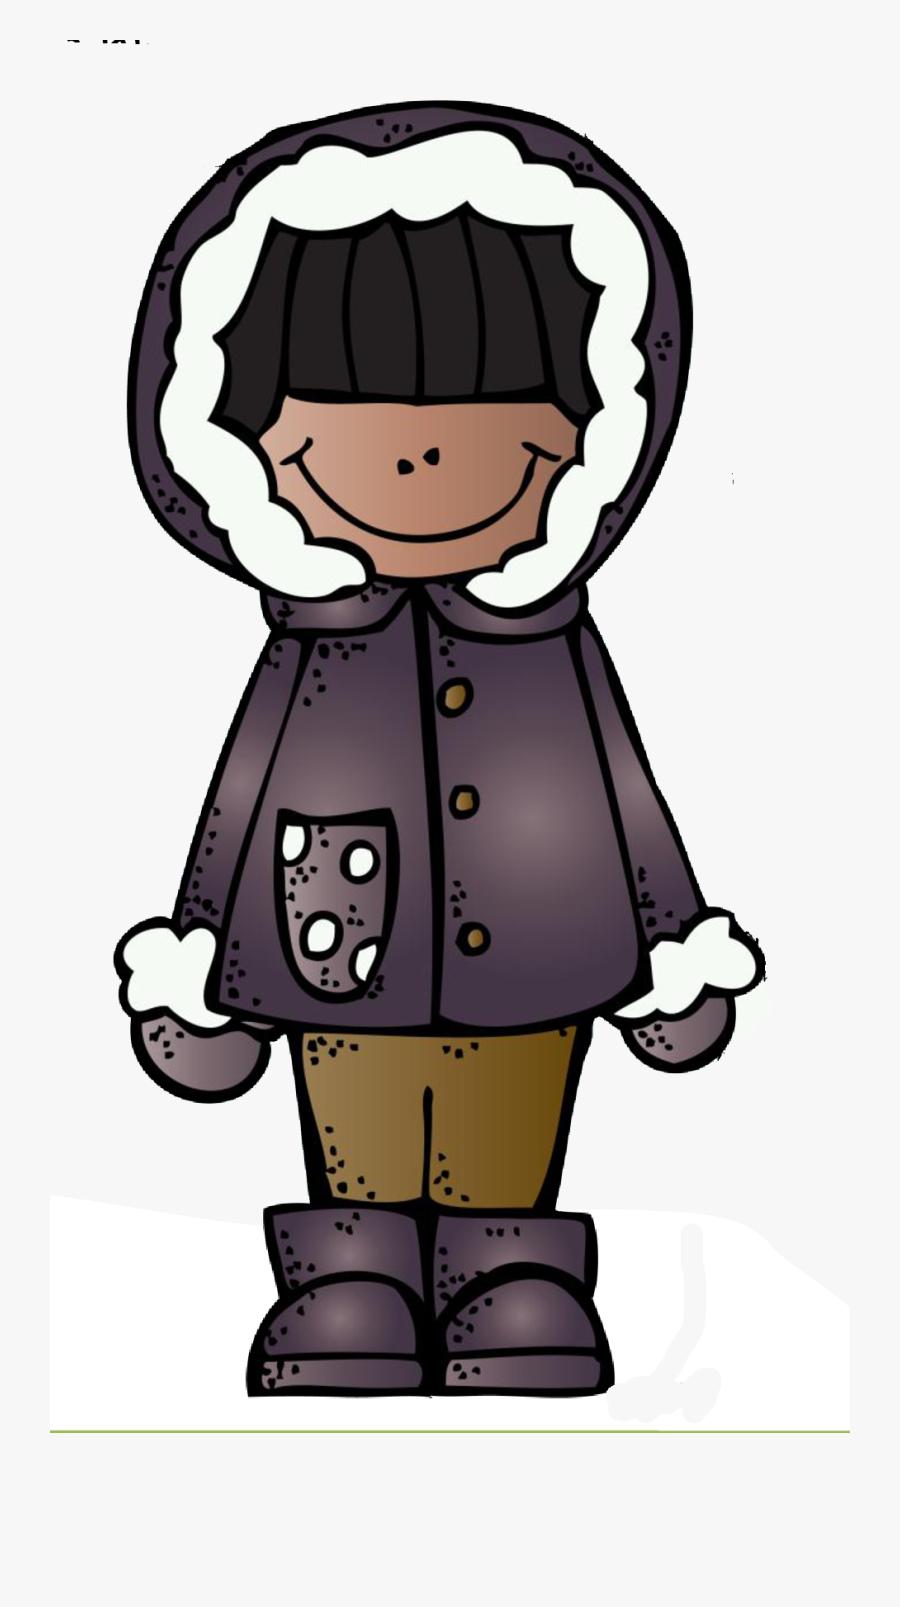 Teacher Clipart Table - Melonheadz Clipart Winter Dress, Transparent Clipart